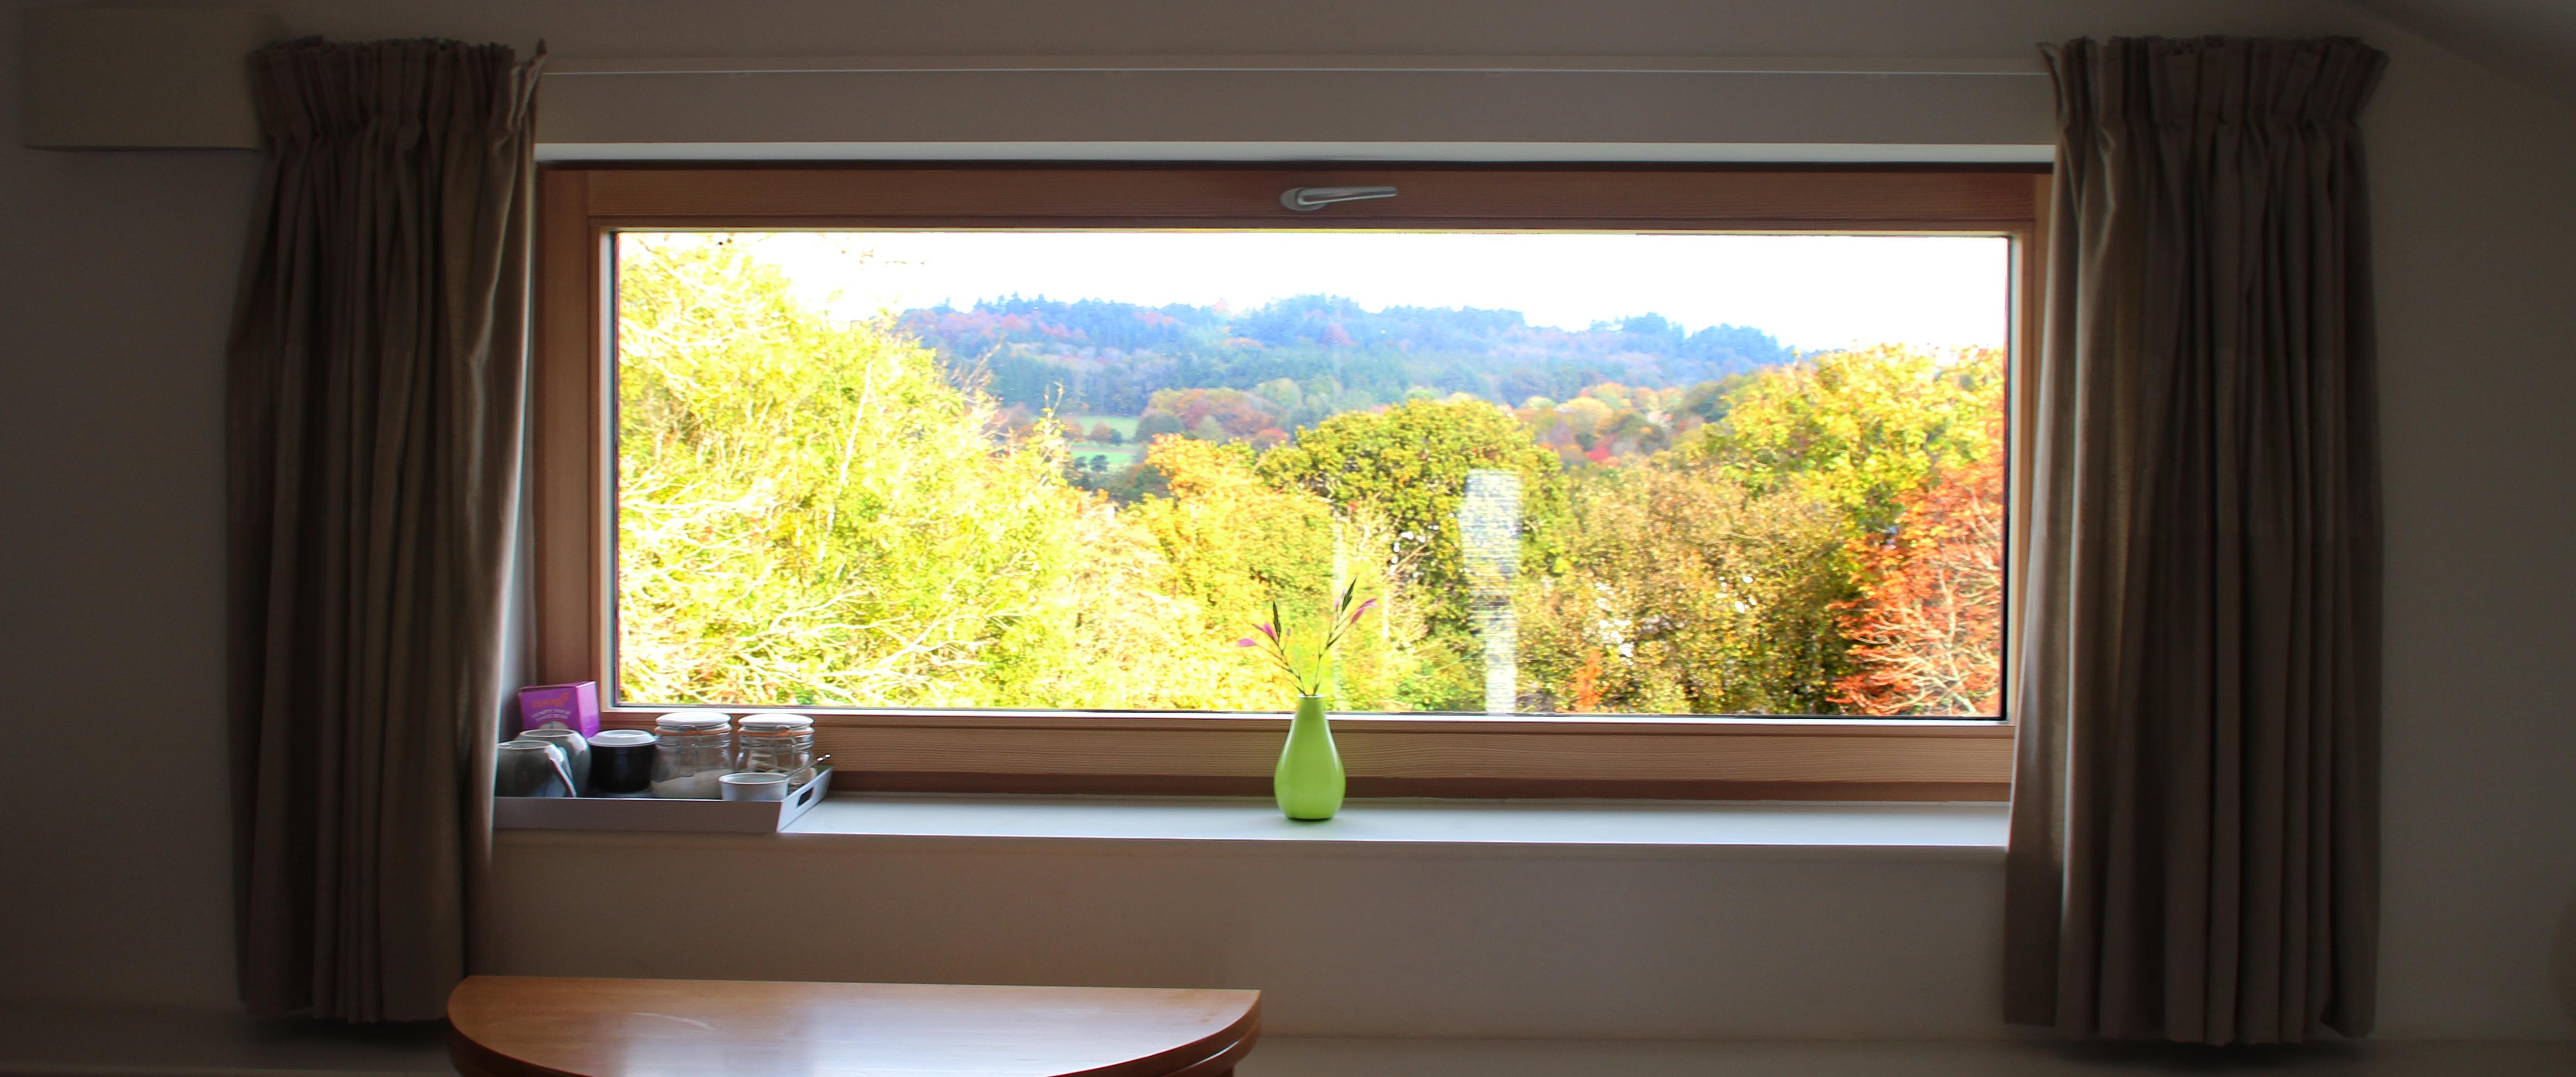 Totnes Passivhaus: autumnal views